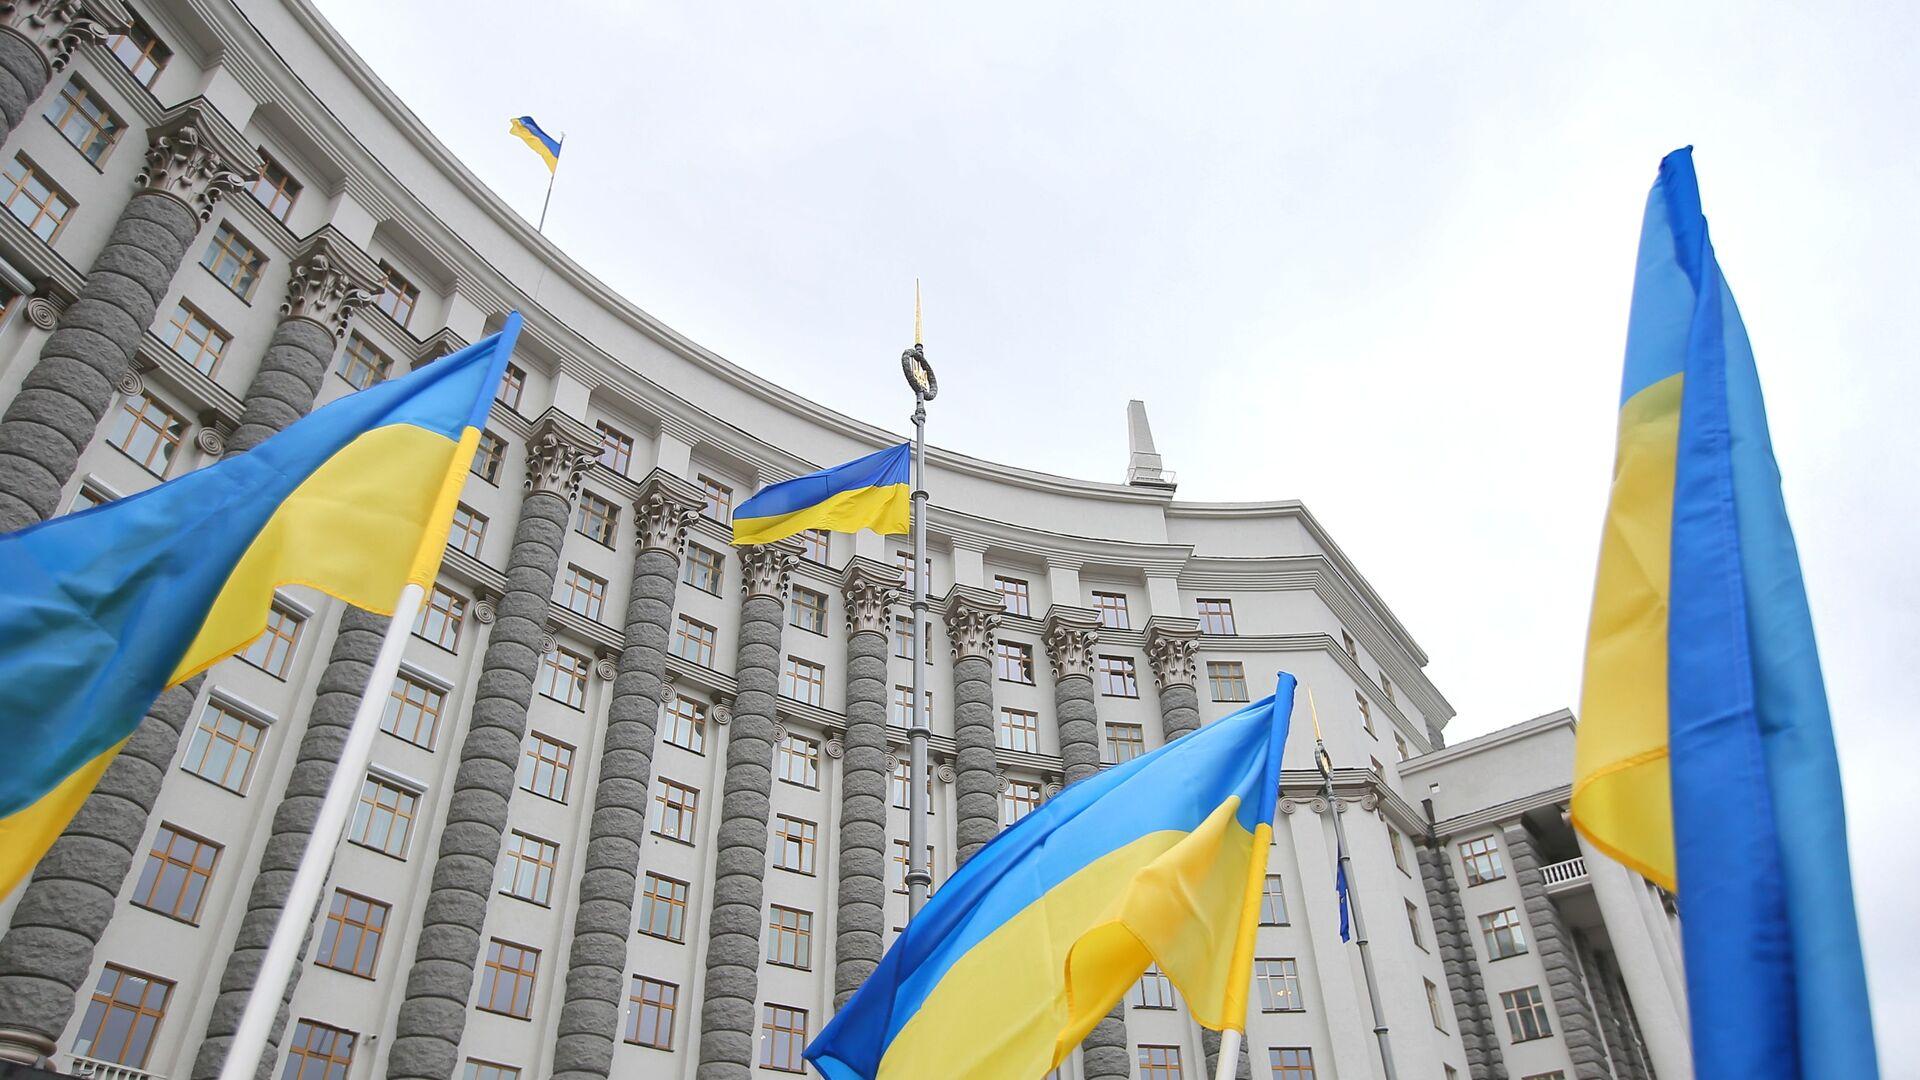 Flagi przed gmachem ukraińskiego parlamentu w Kijowie. - Sputnik Polska, 1920, 19.06.2021